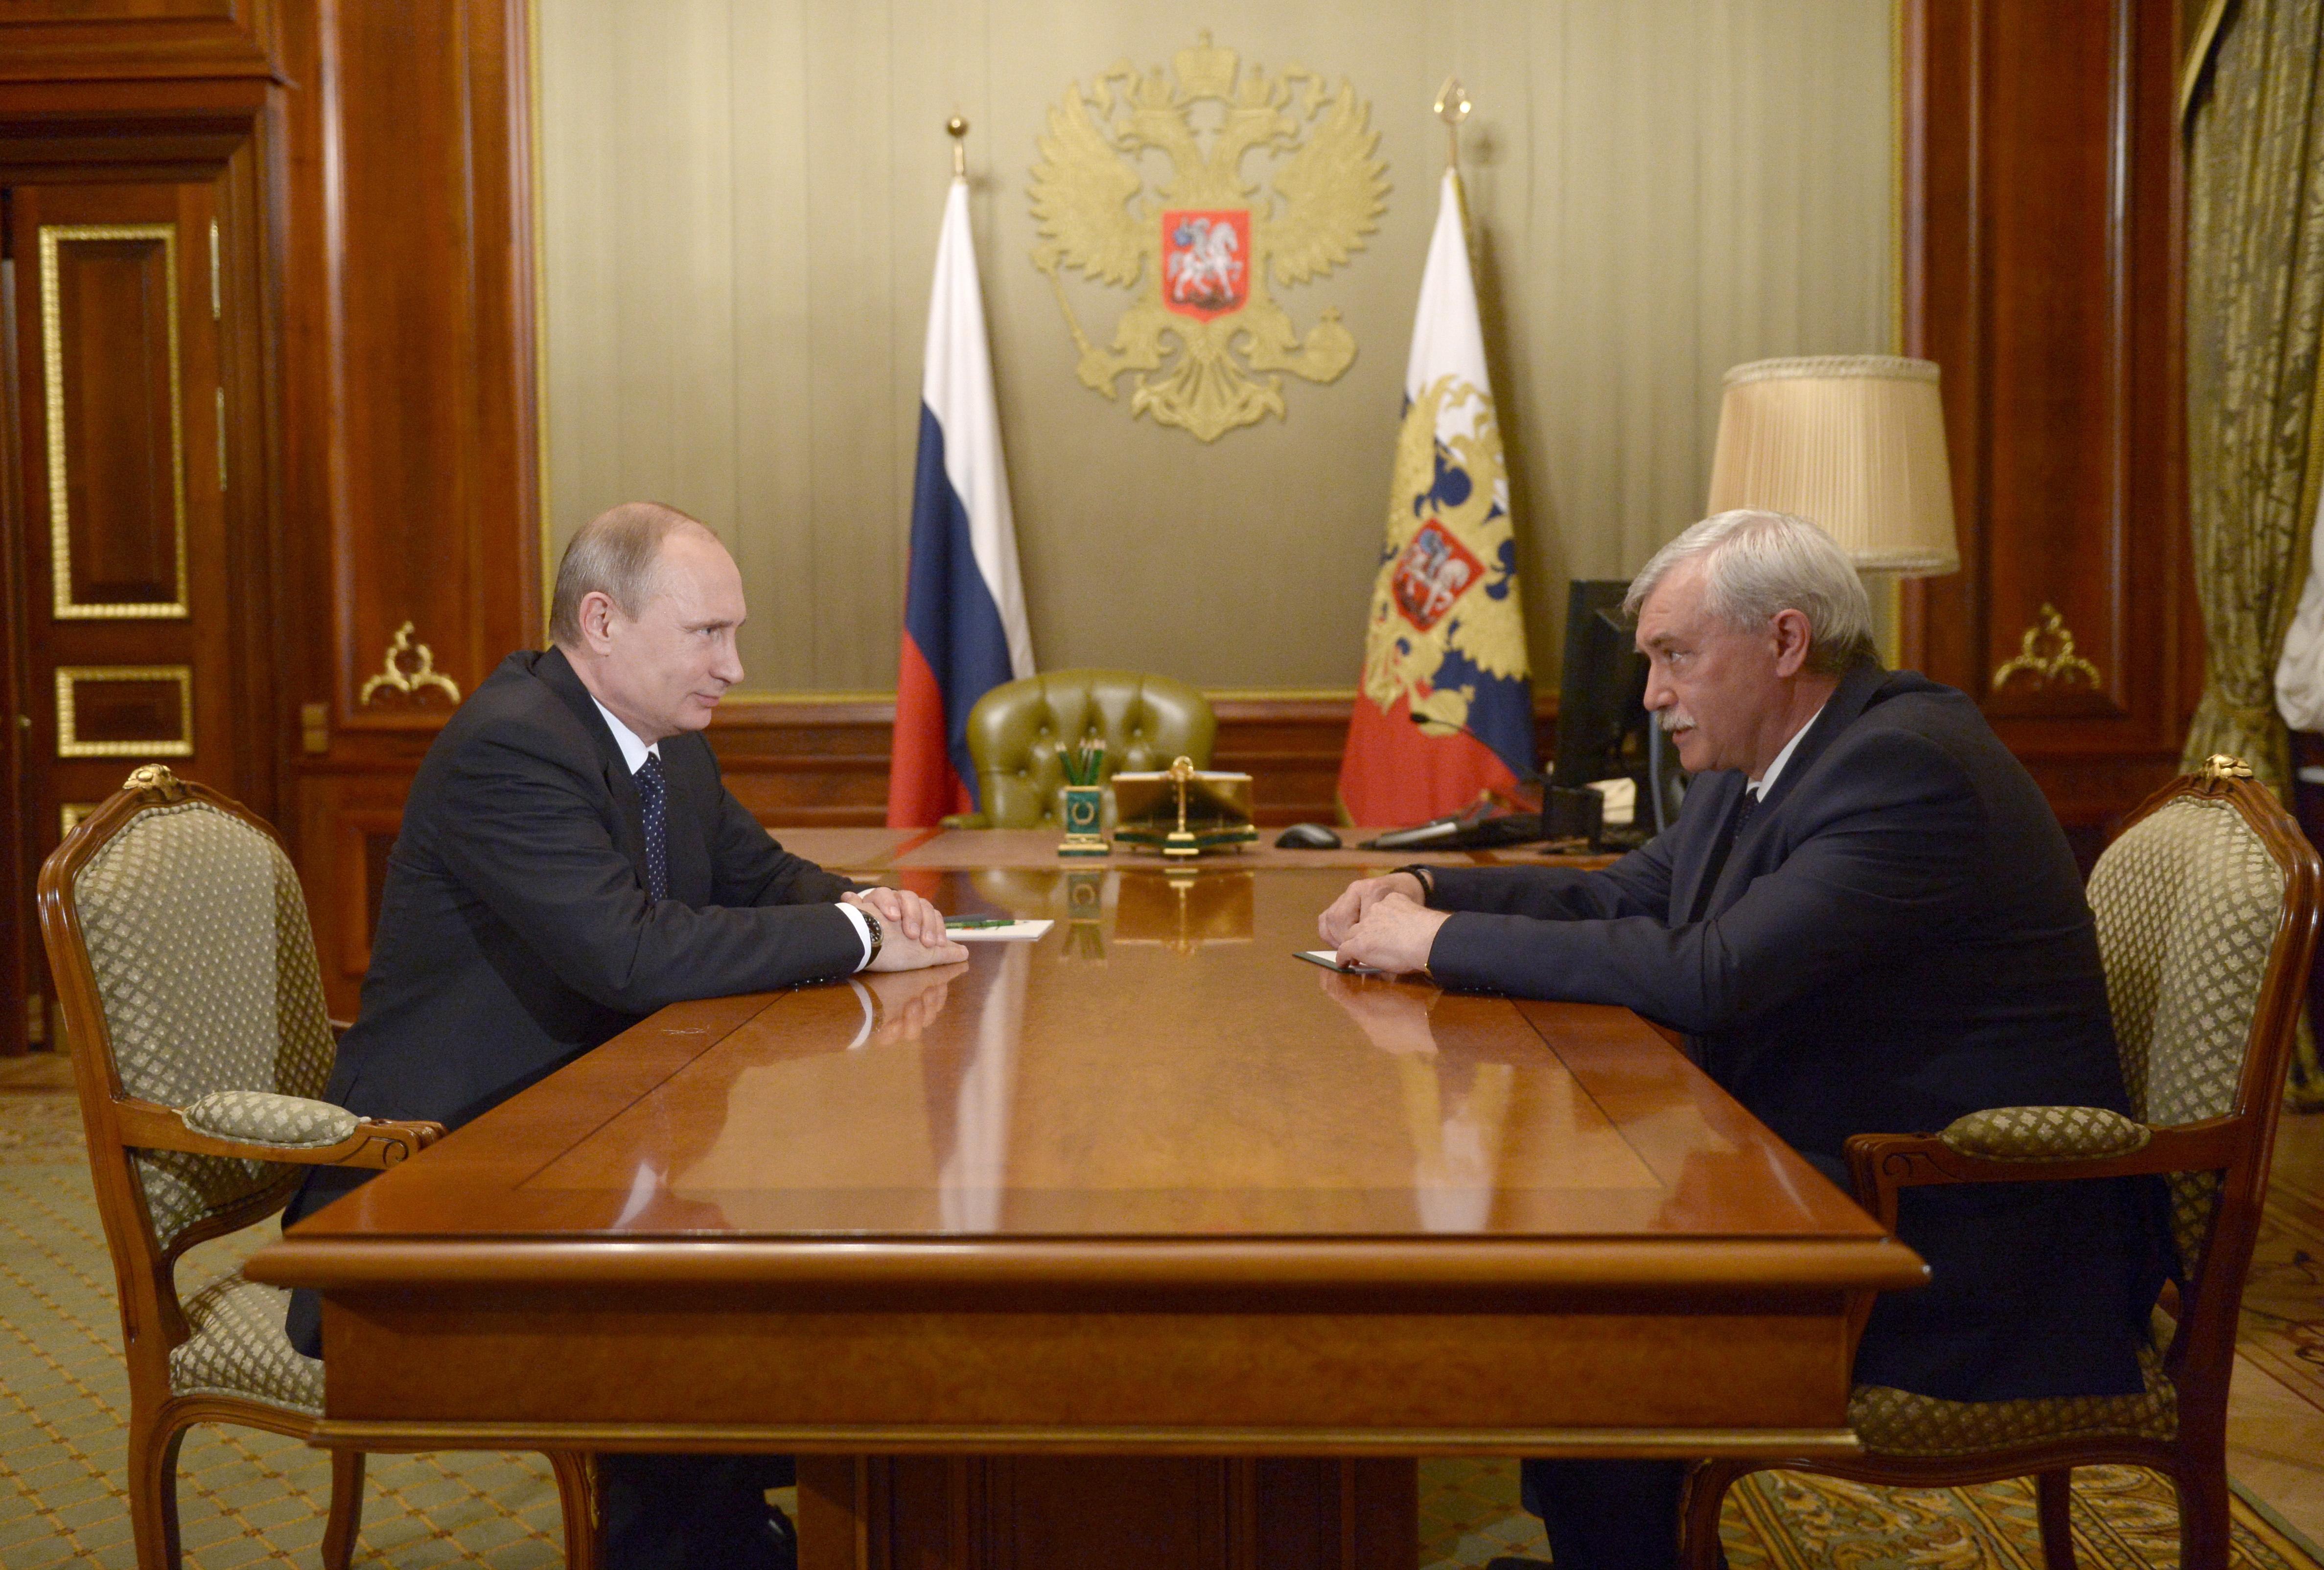 Президент России Владимир Путин на встрече с губернатором Санкт-Петербурга Георгием Полтавченко